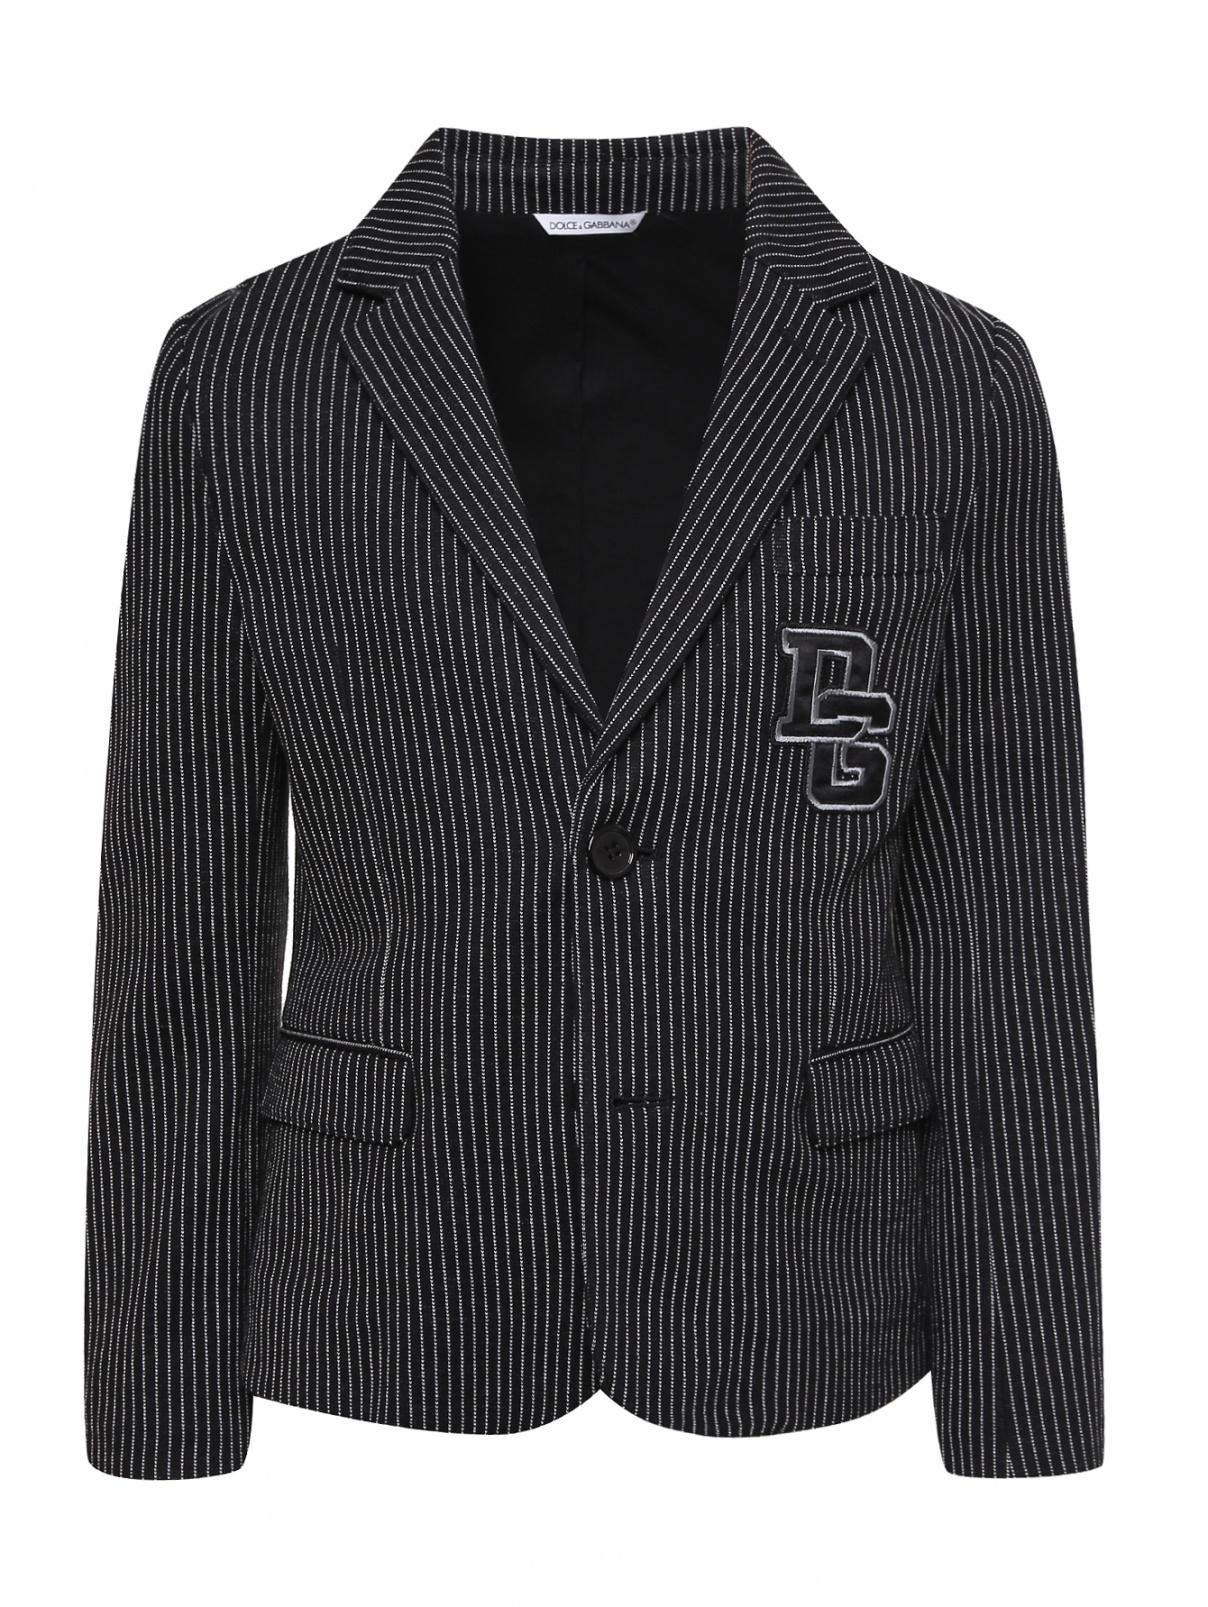 Пиджак трикотажный в полоску Dolce & Gabbana  –  Общий вид  – Цвет:  Черный